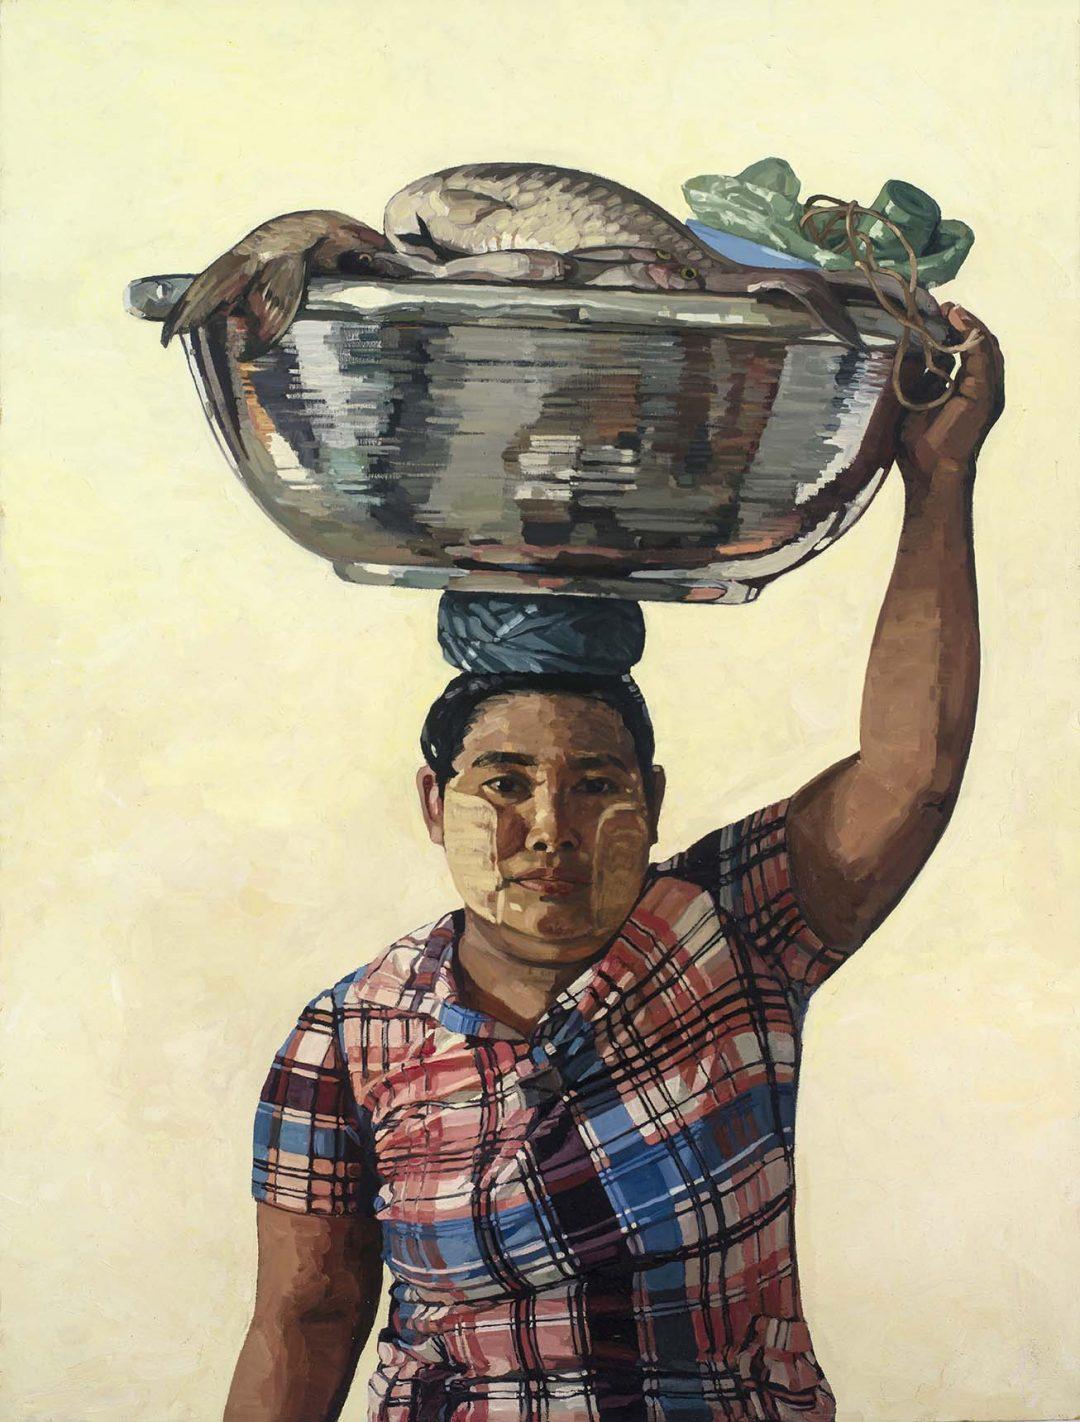 AYE AYE WIN (WOMAN WITH FISH ON HER HEAD)